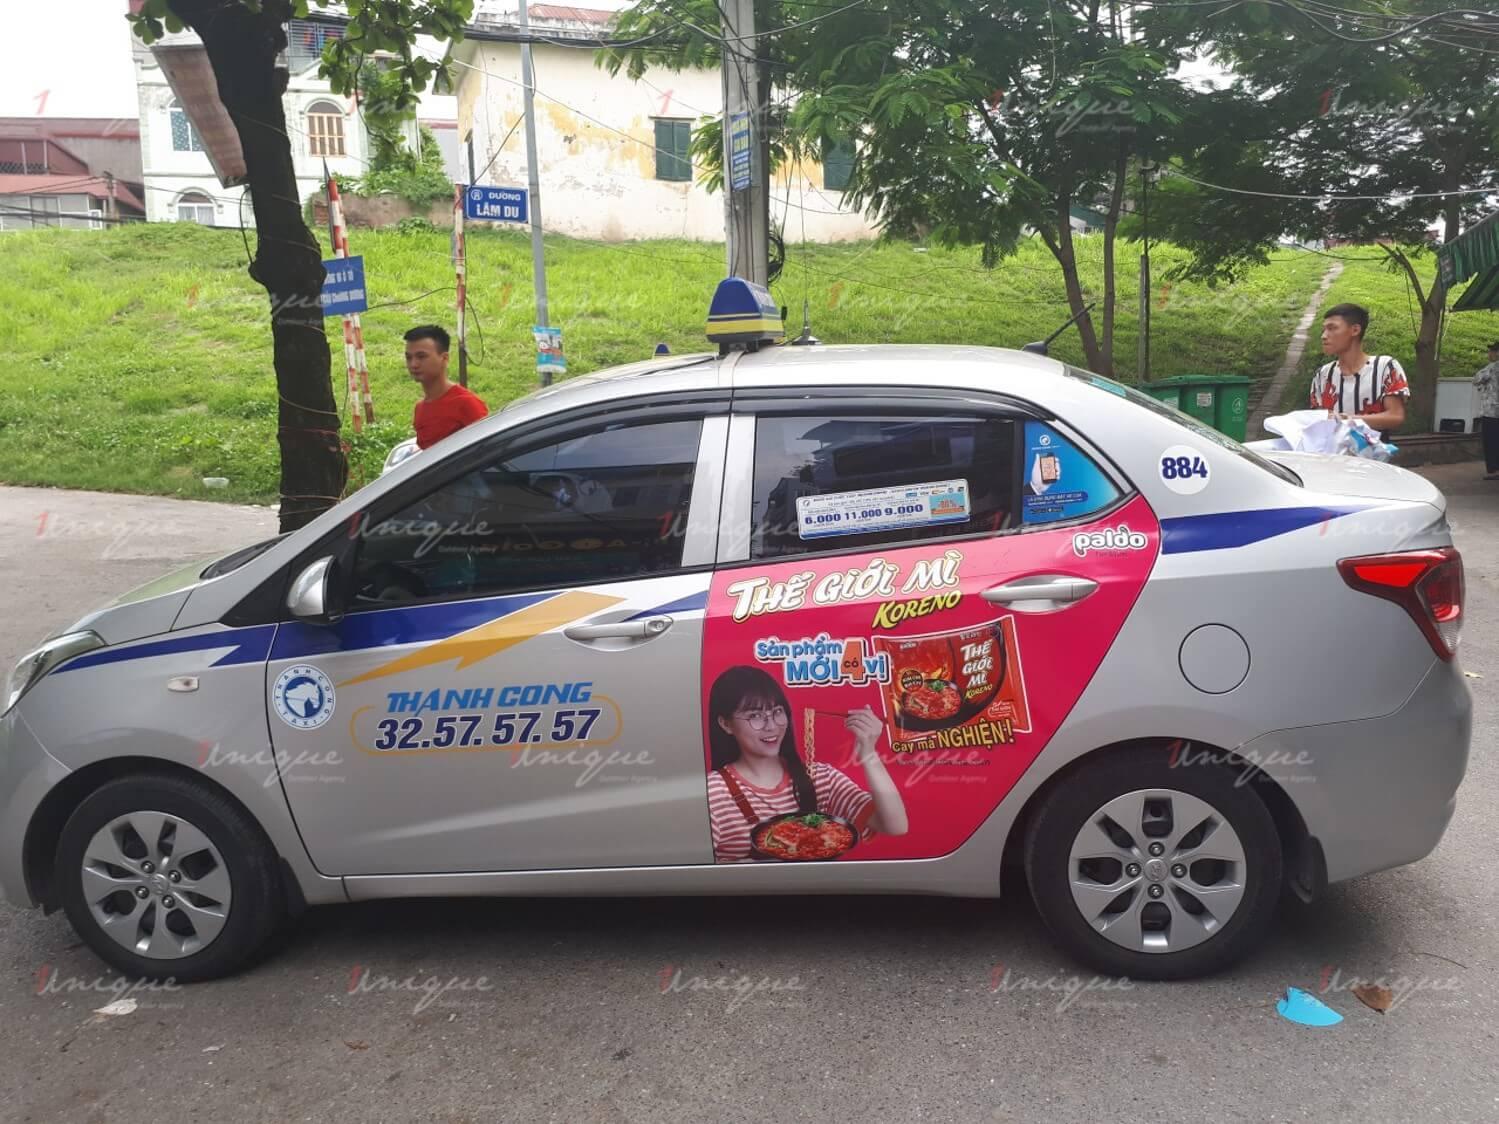 Quảng cáo trên taxi Thành Công